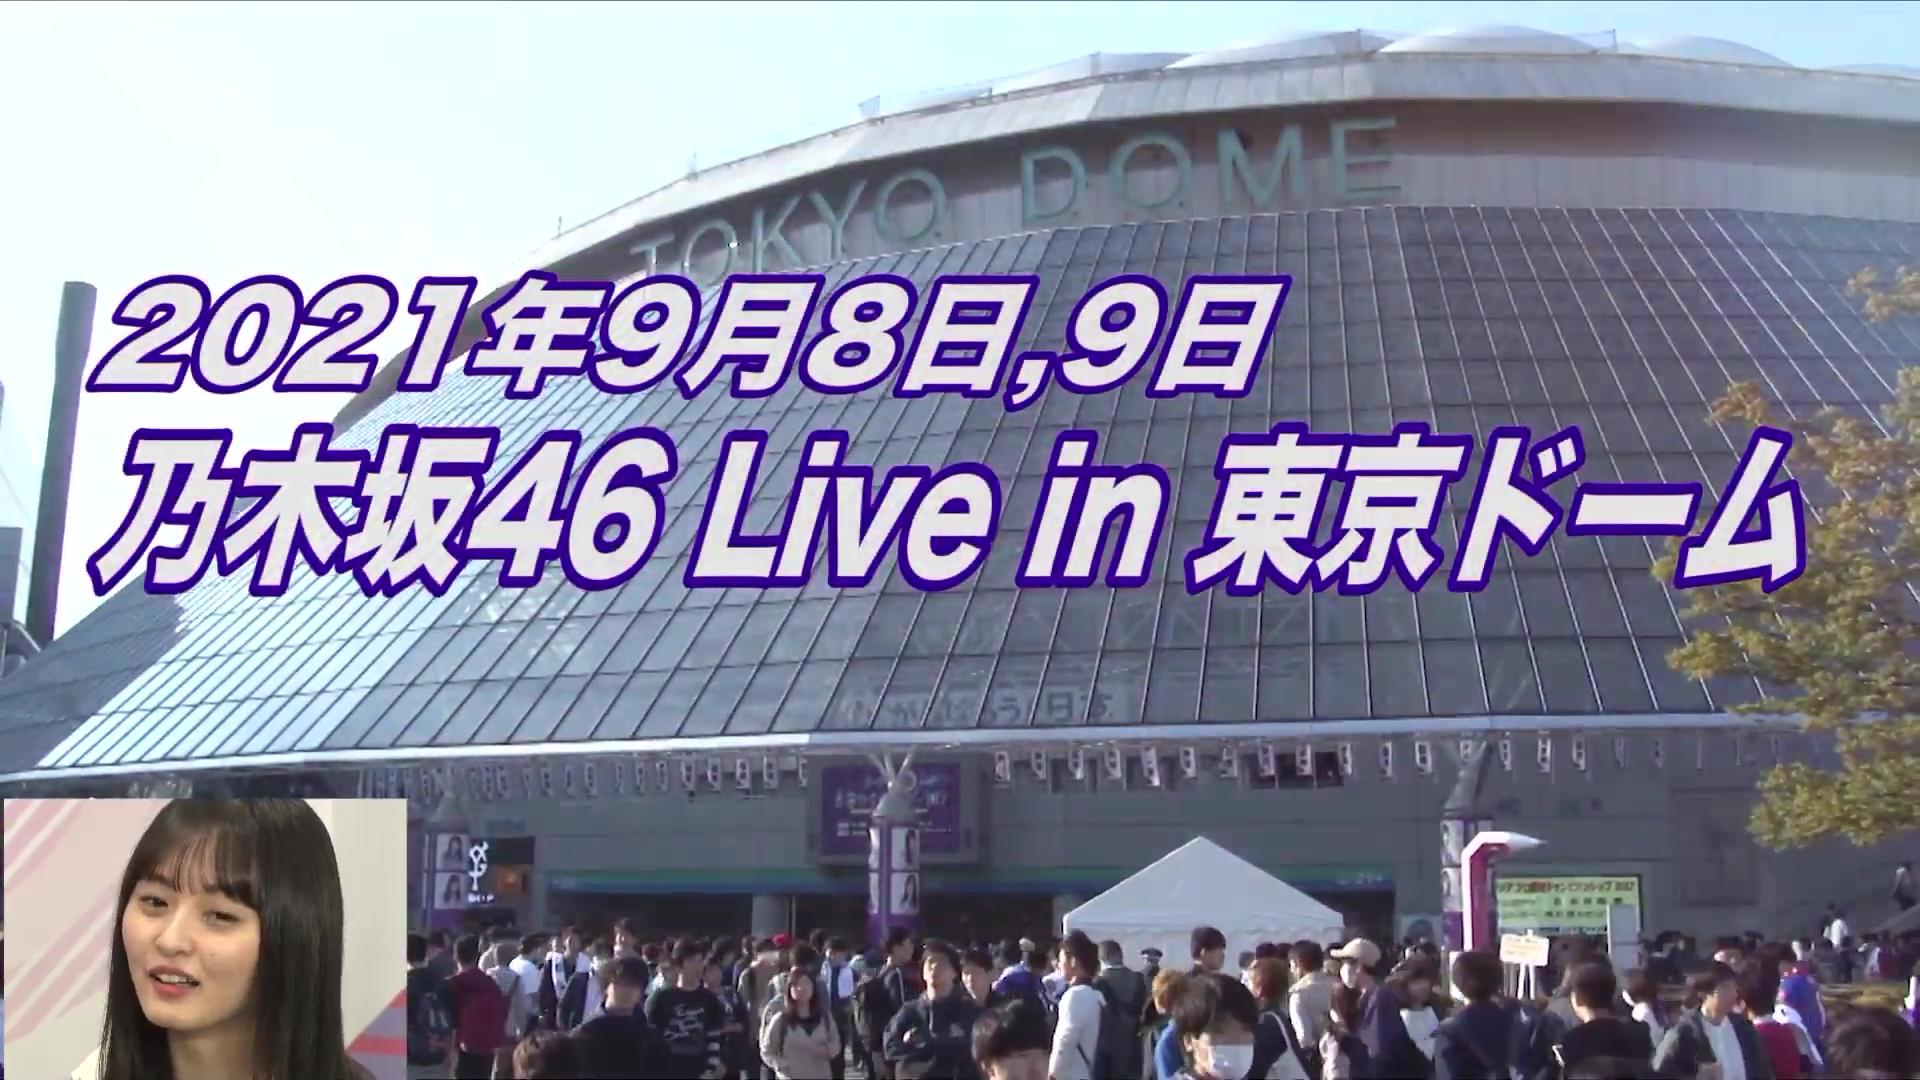 乃木坂46 真夏の全国ツアー2